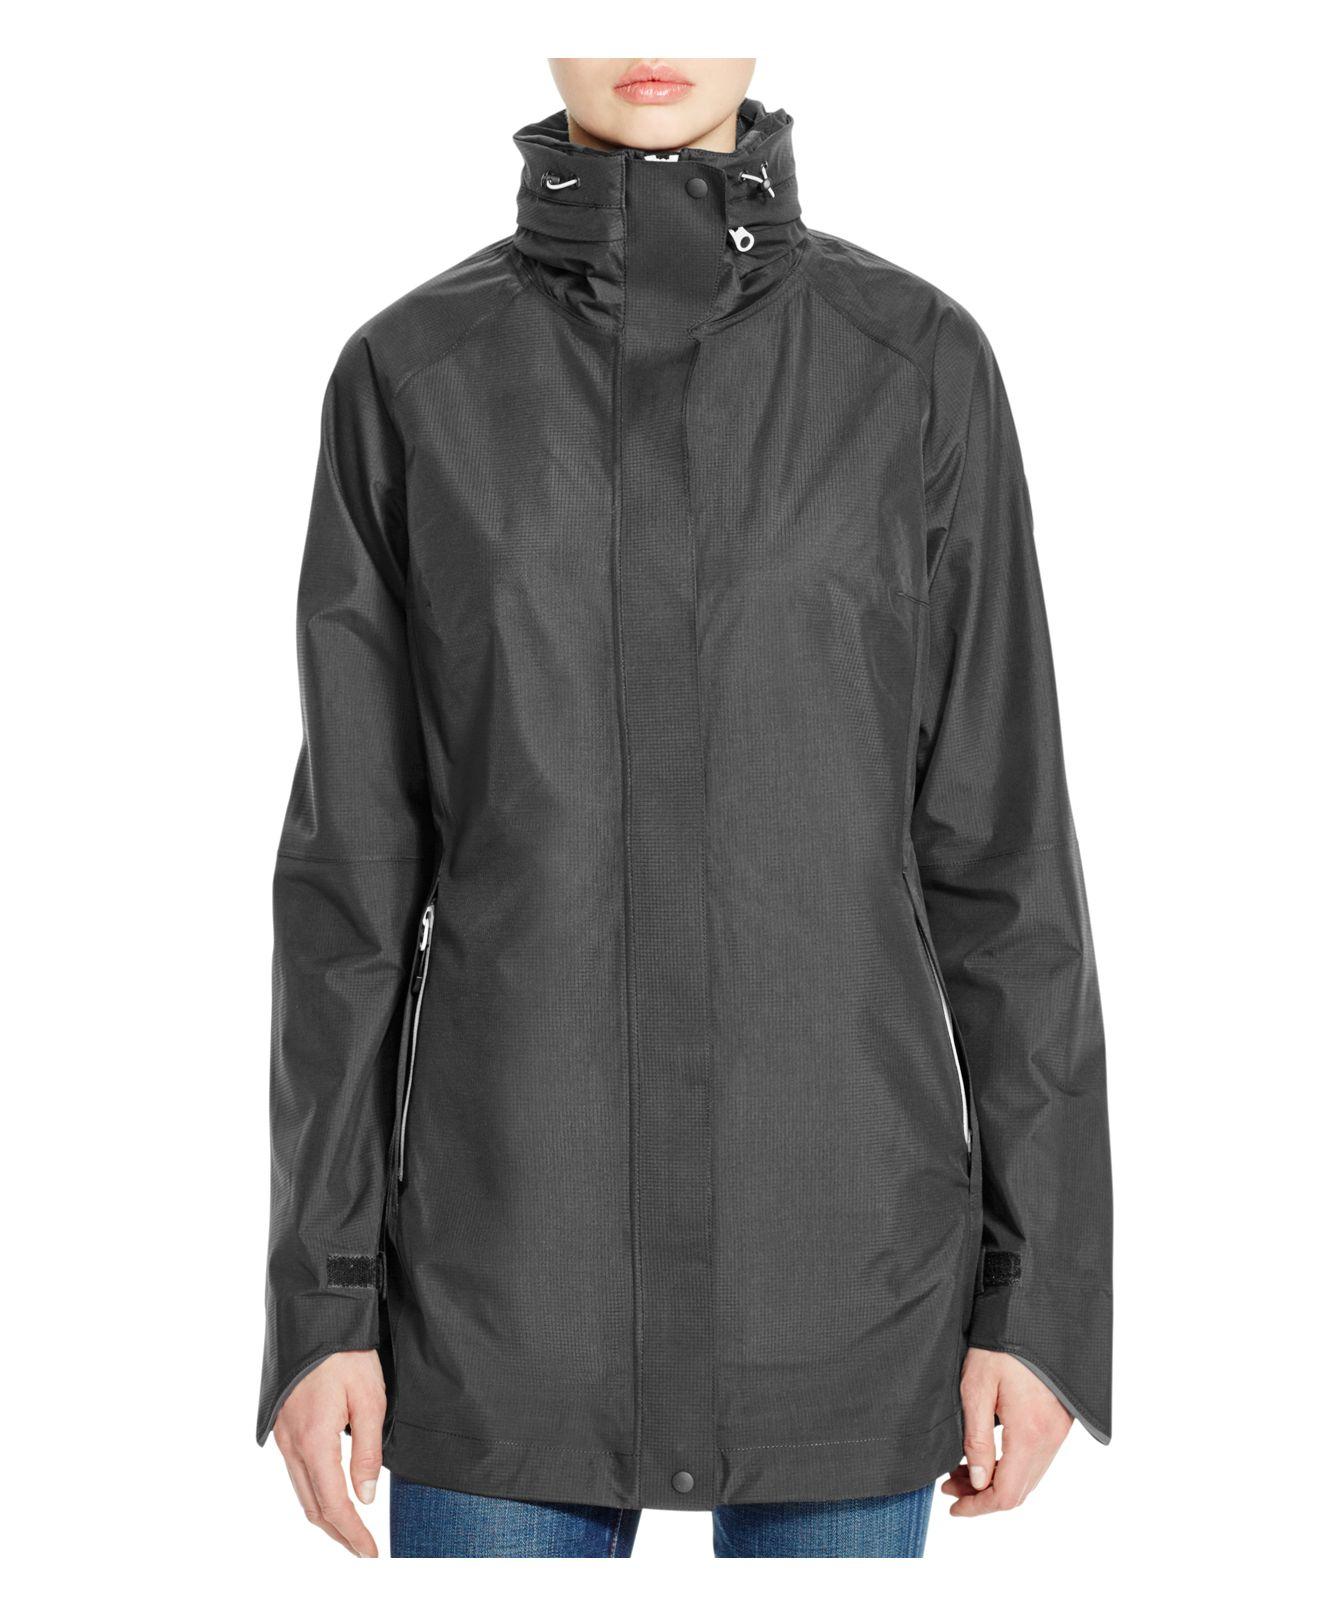 Canada Goose' Hayward Shell Raincoat - Charcoal